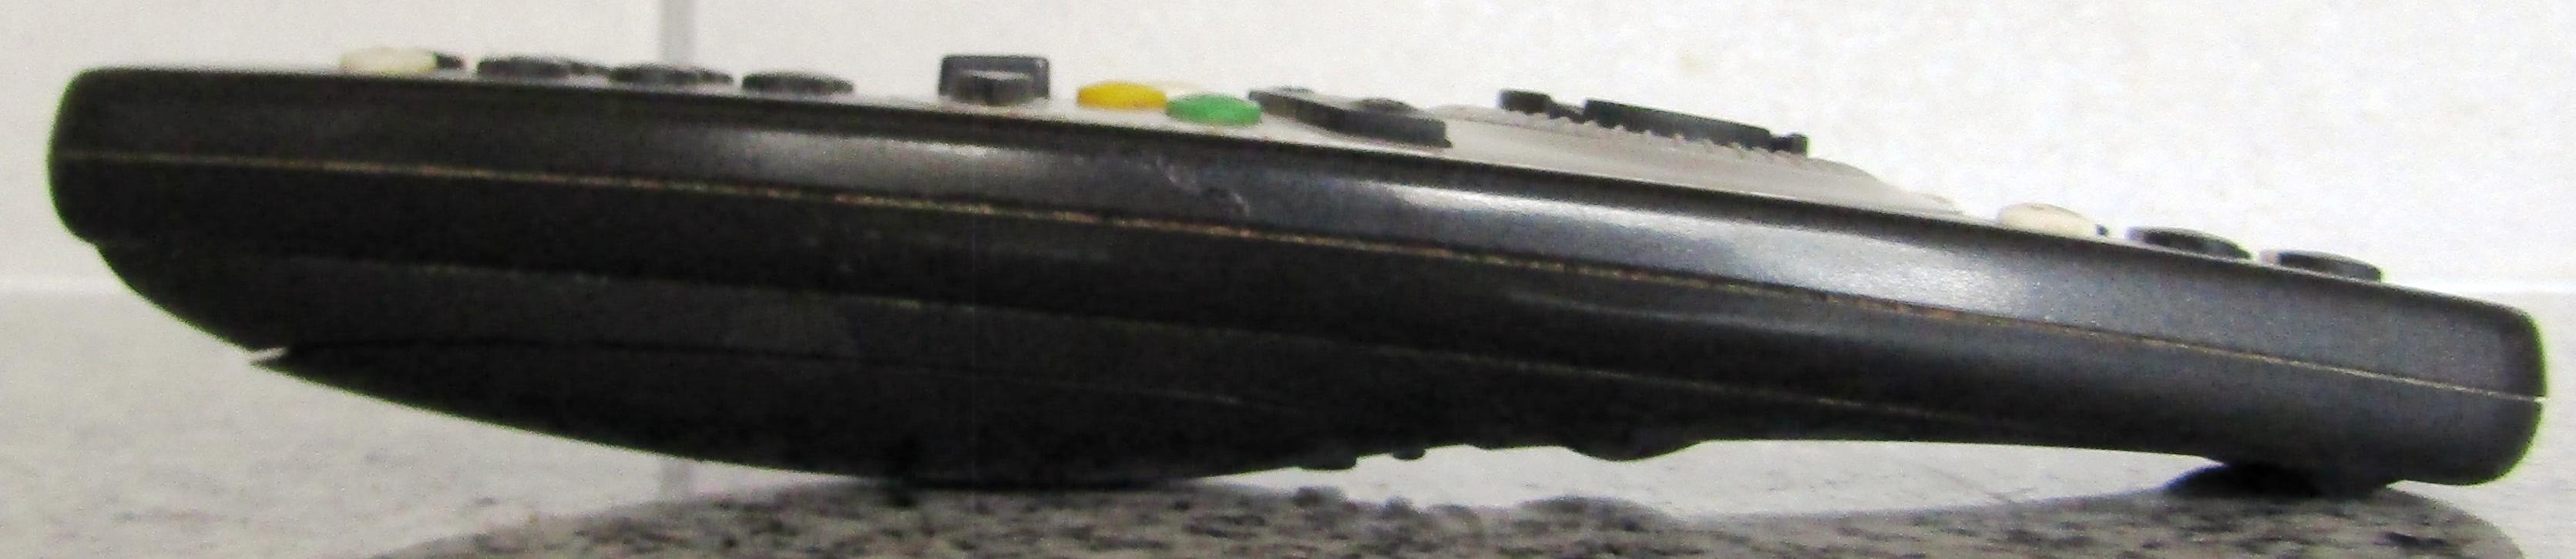 Model A3 Remote Control